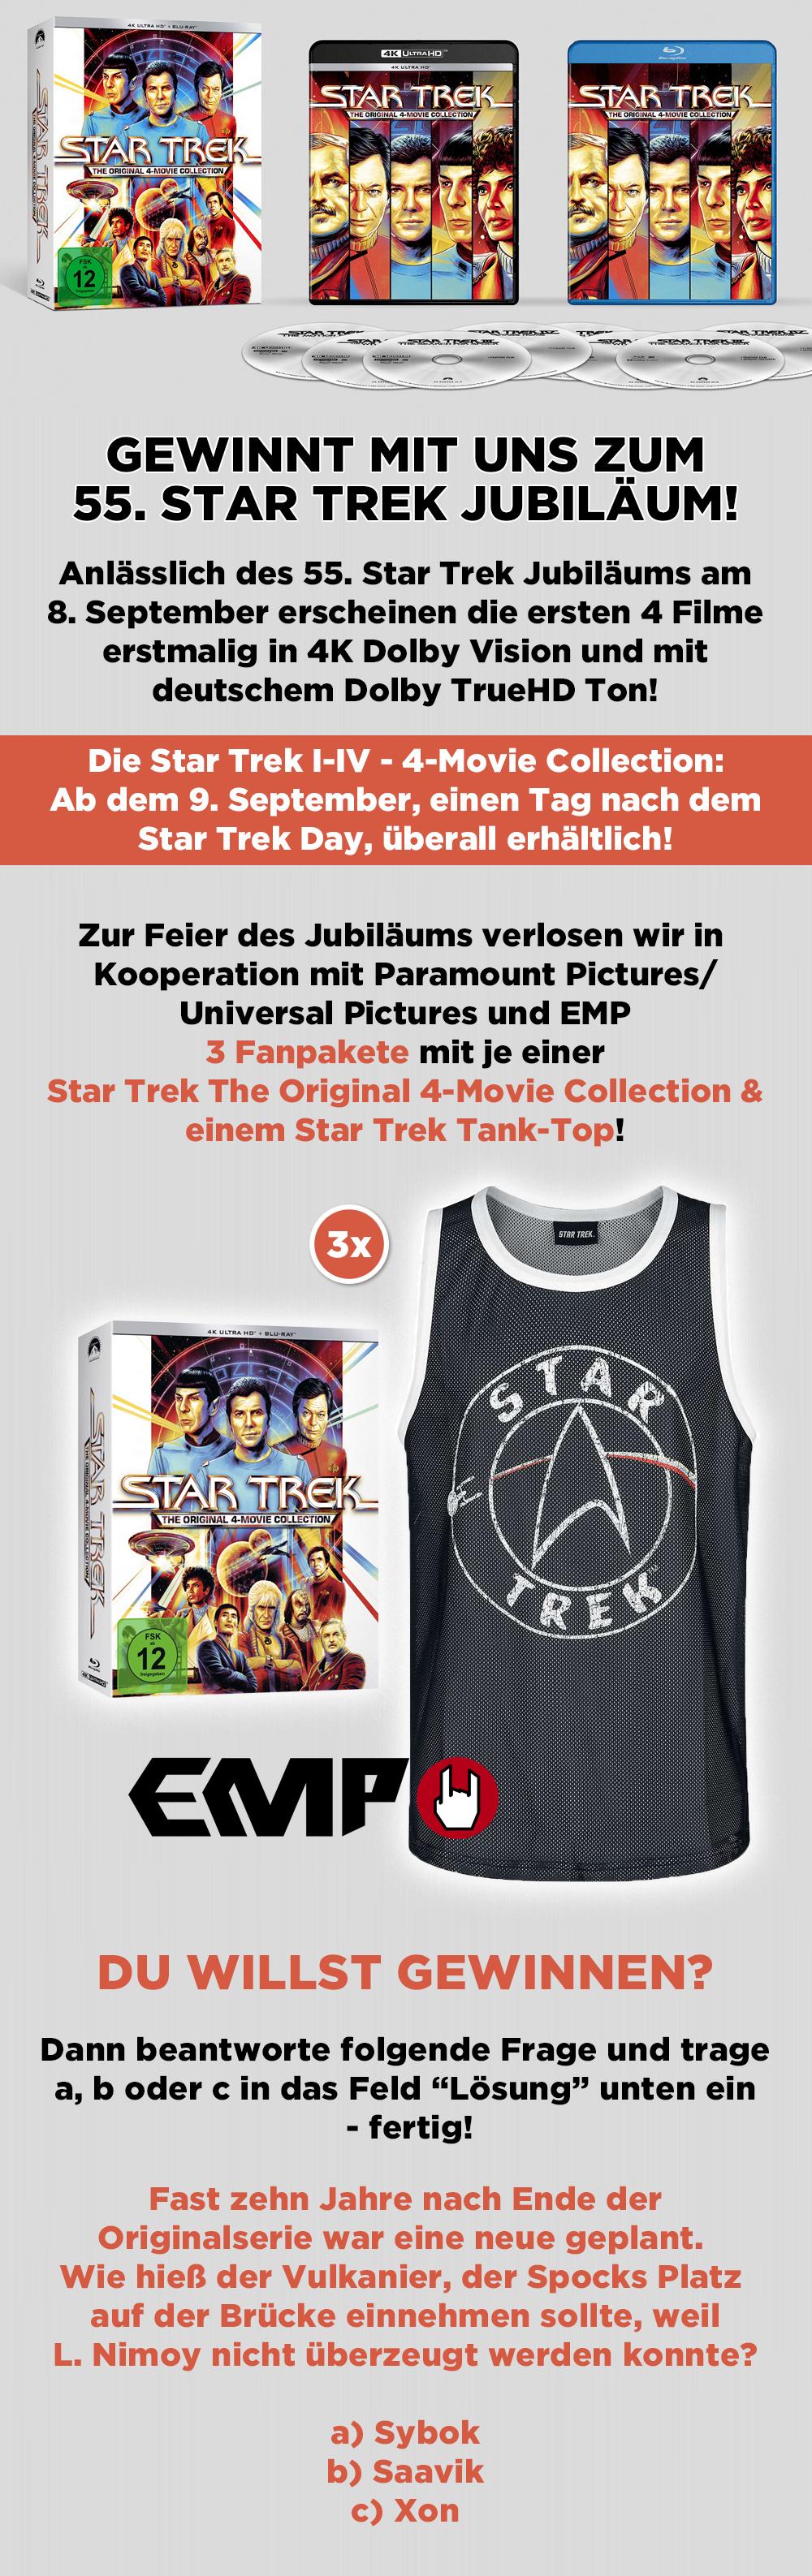 """Bild 1:Gewinnt mit uns die """"Star Trek I-IV - 4-Movie Collection"""" zum 55-jährigen Jubiläum!"""